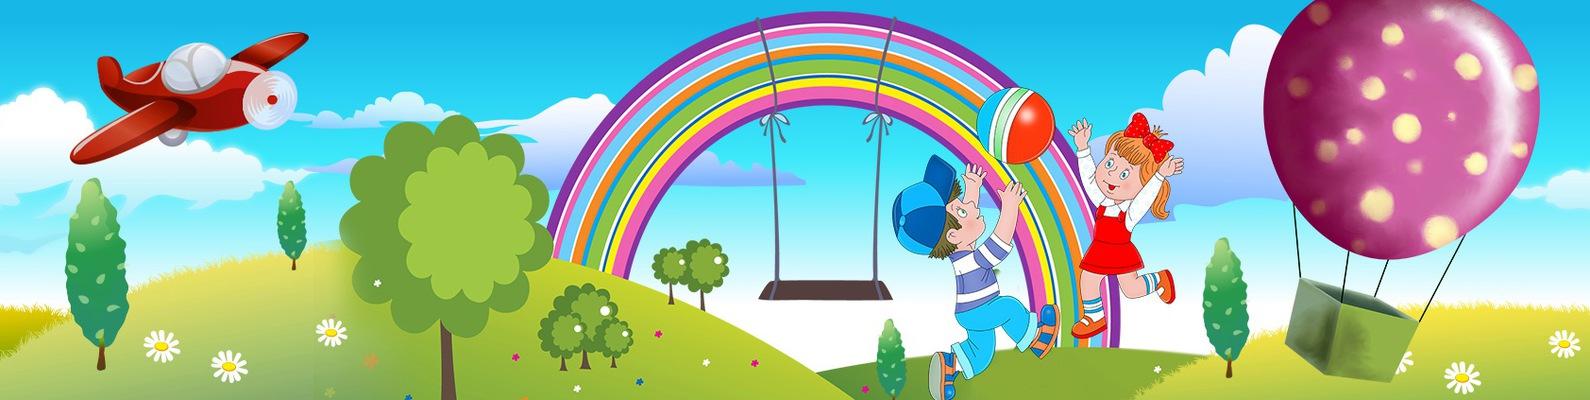 радуги для сада картинки детского